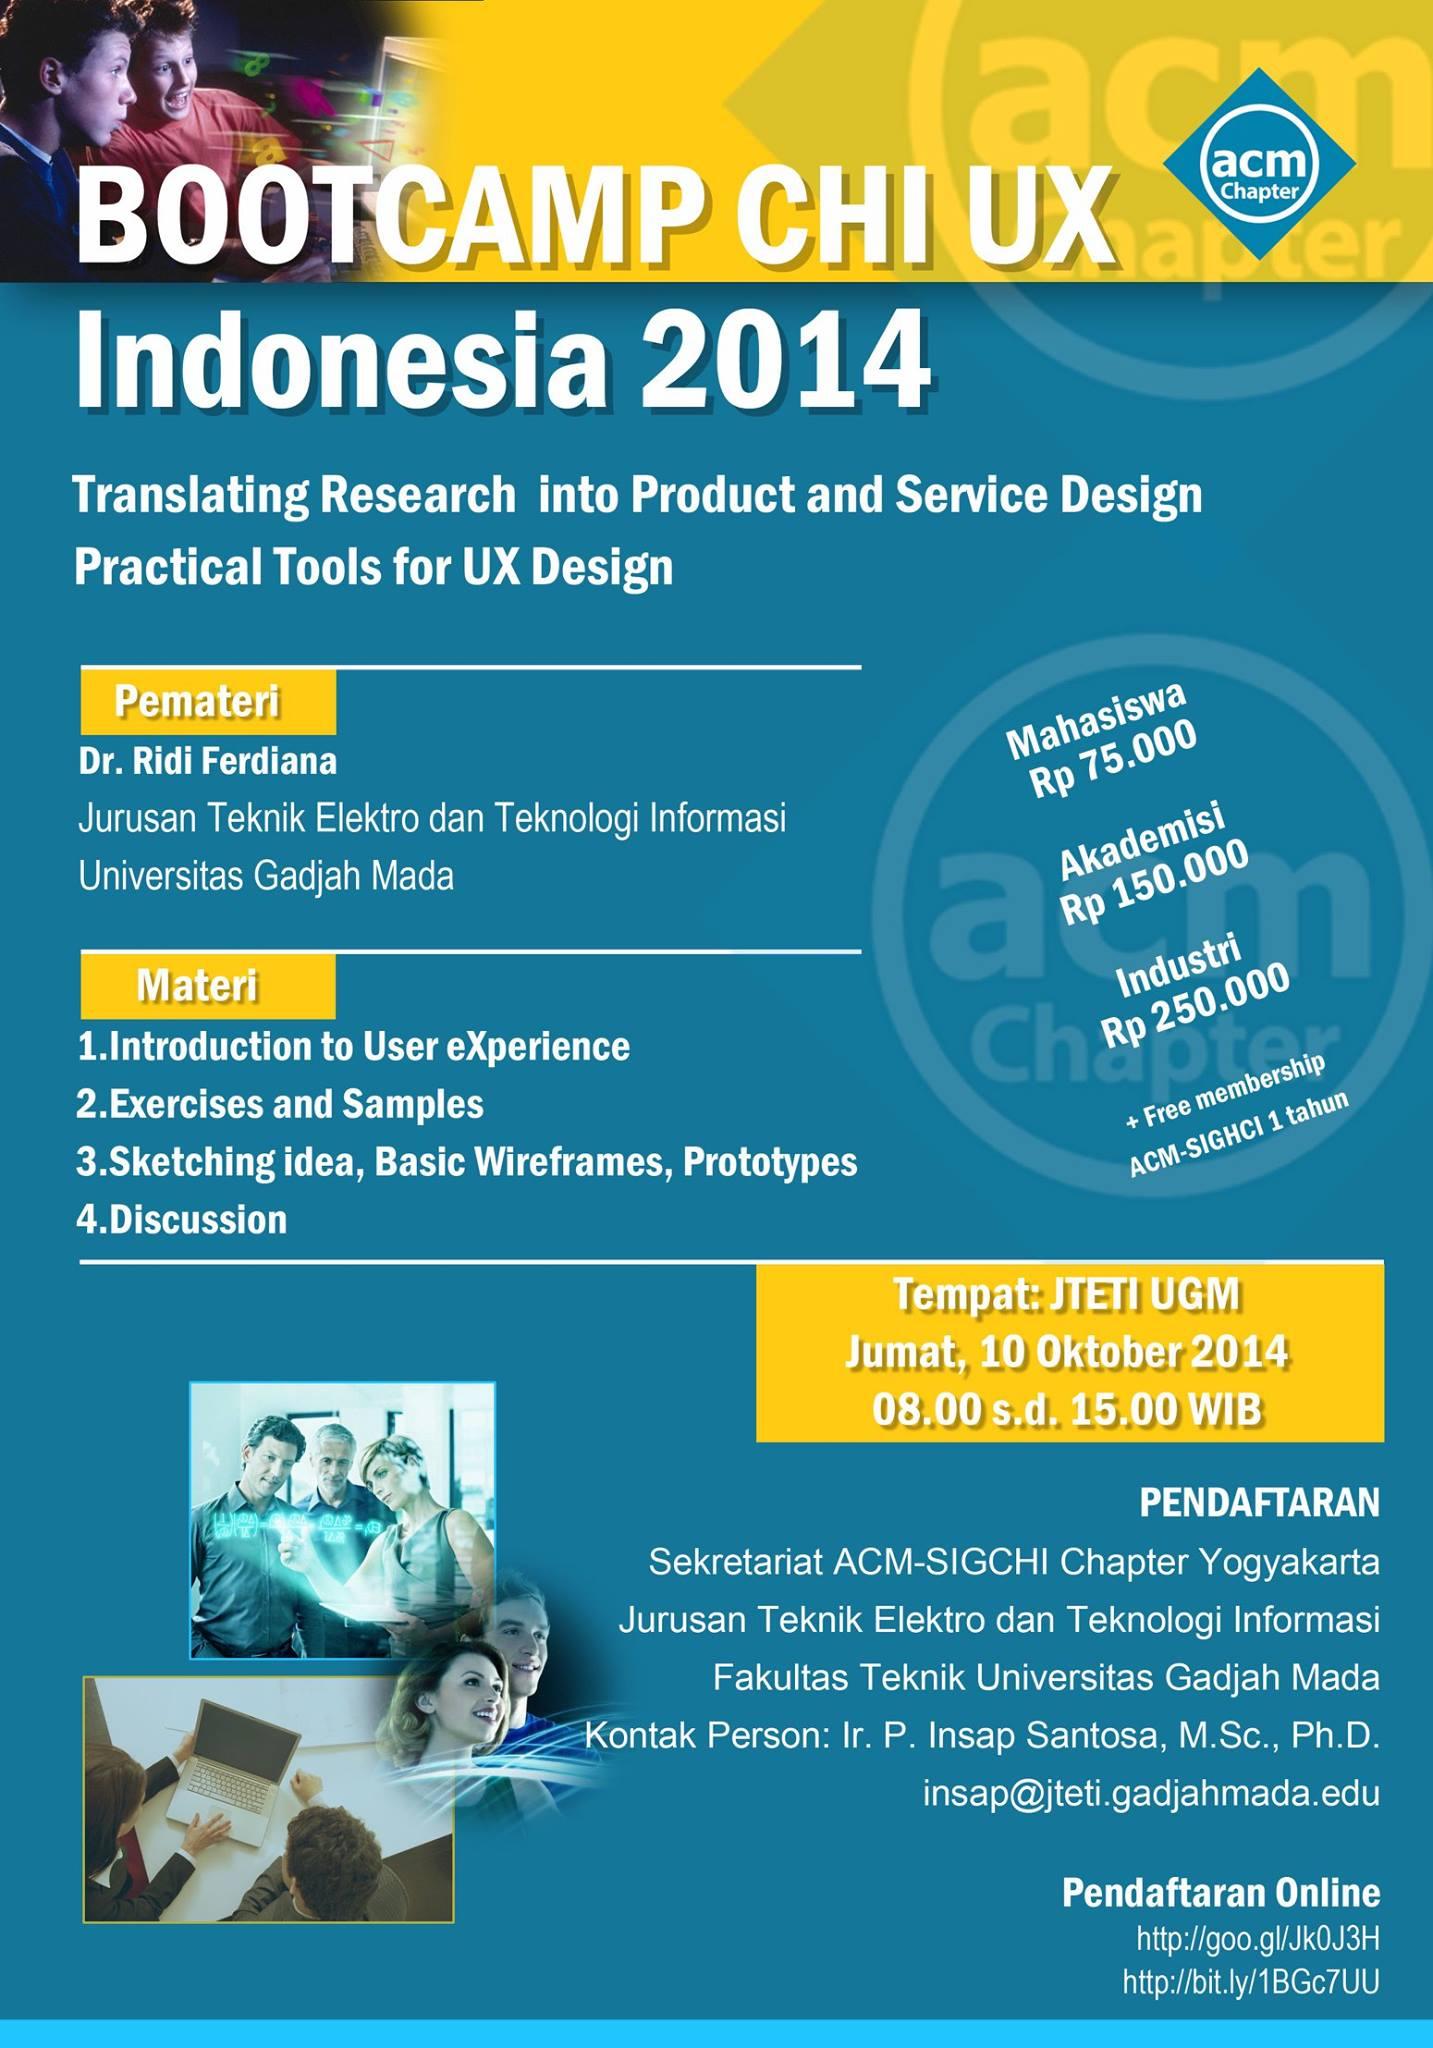 Yogyakarta Bootcamp - CHI UX Indonesia 2014.